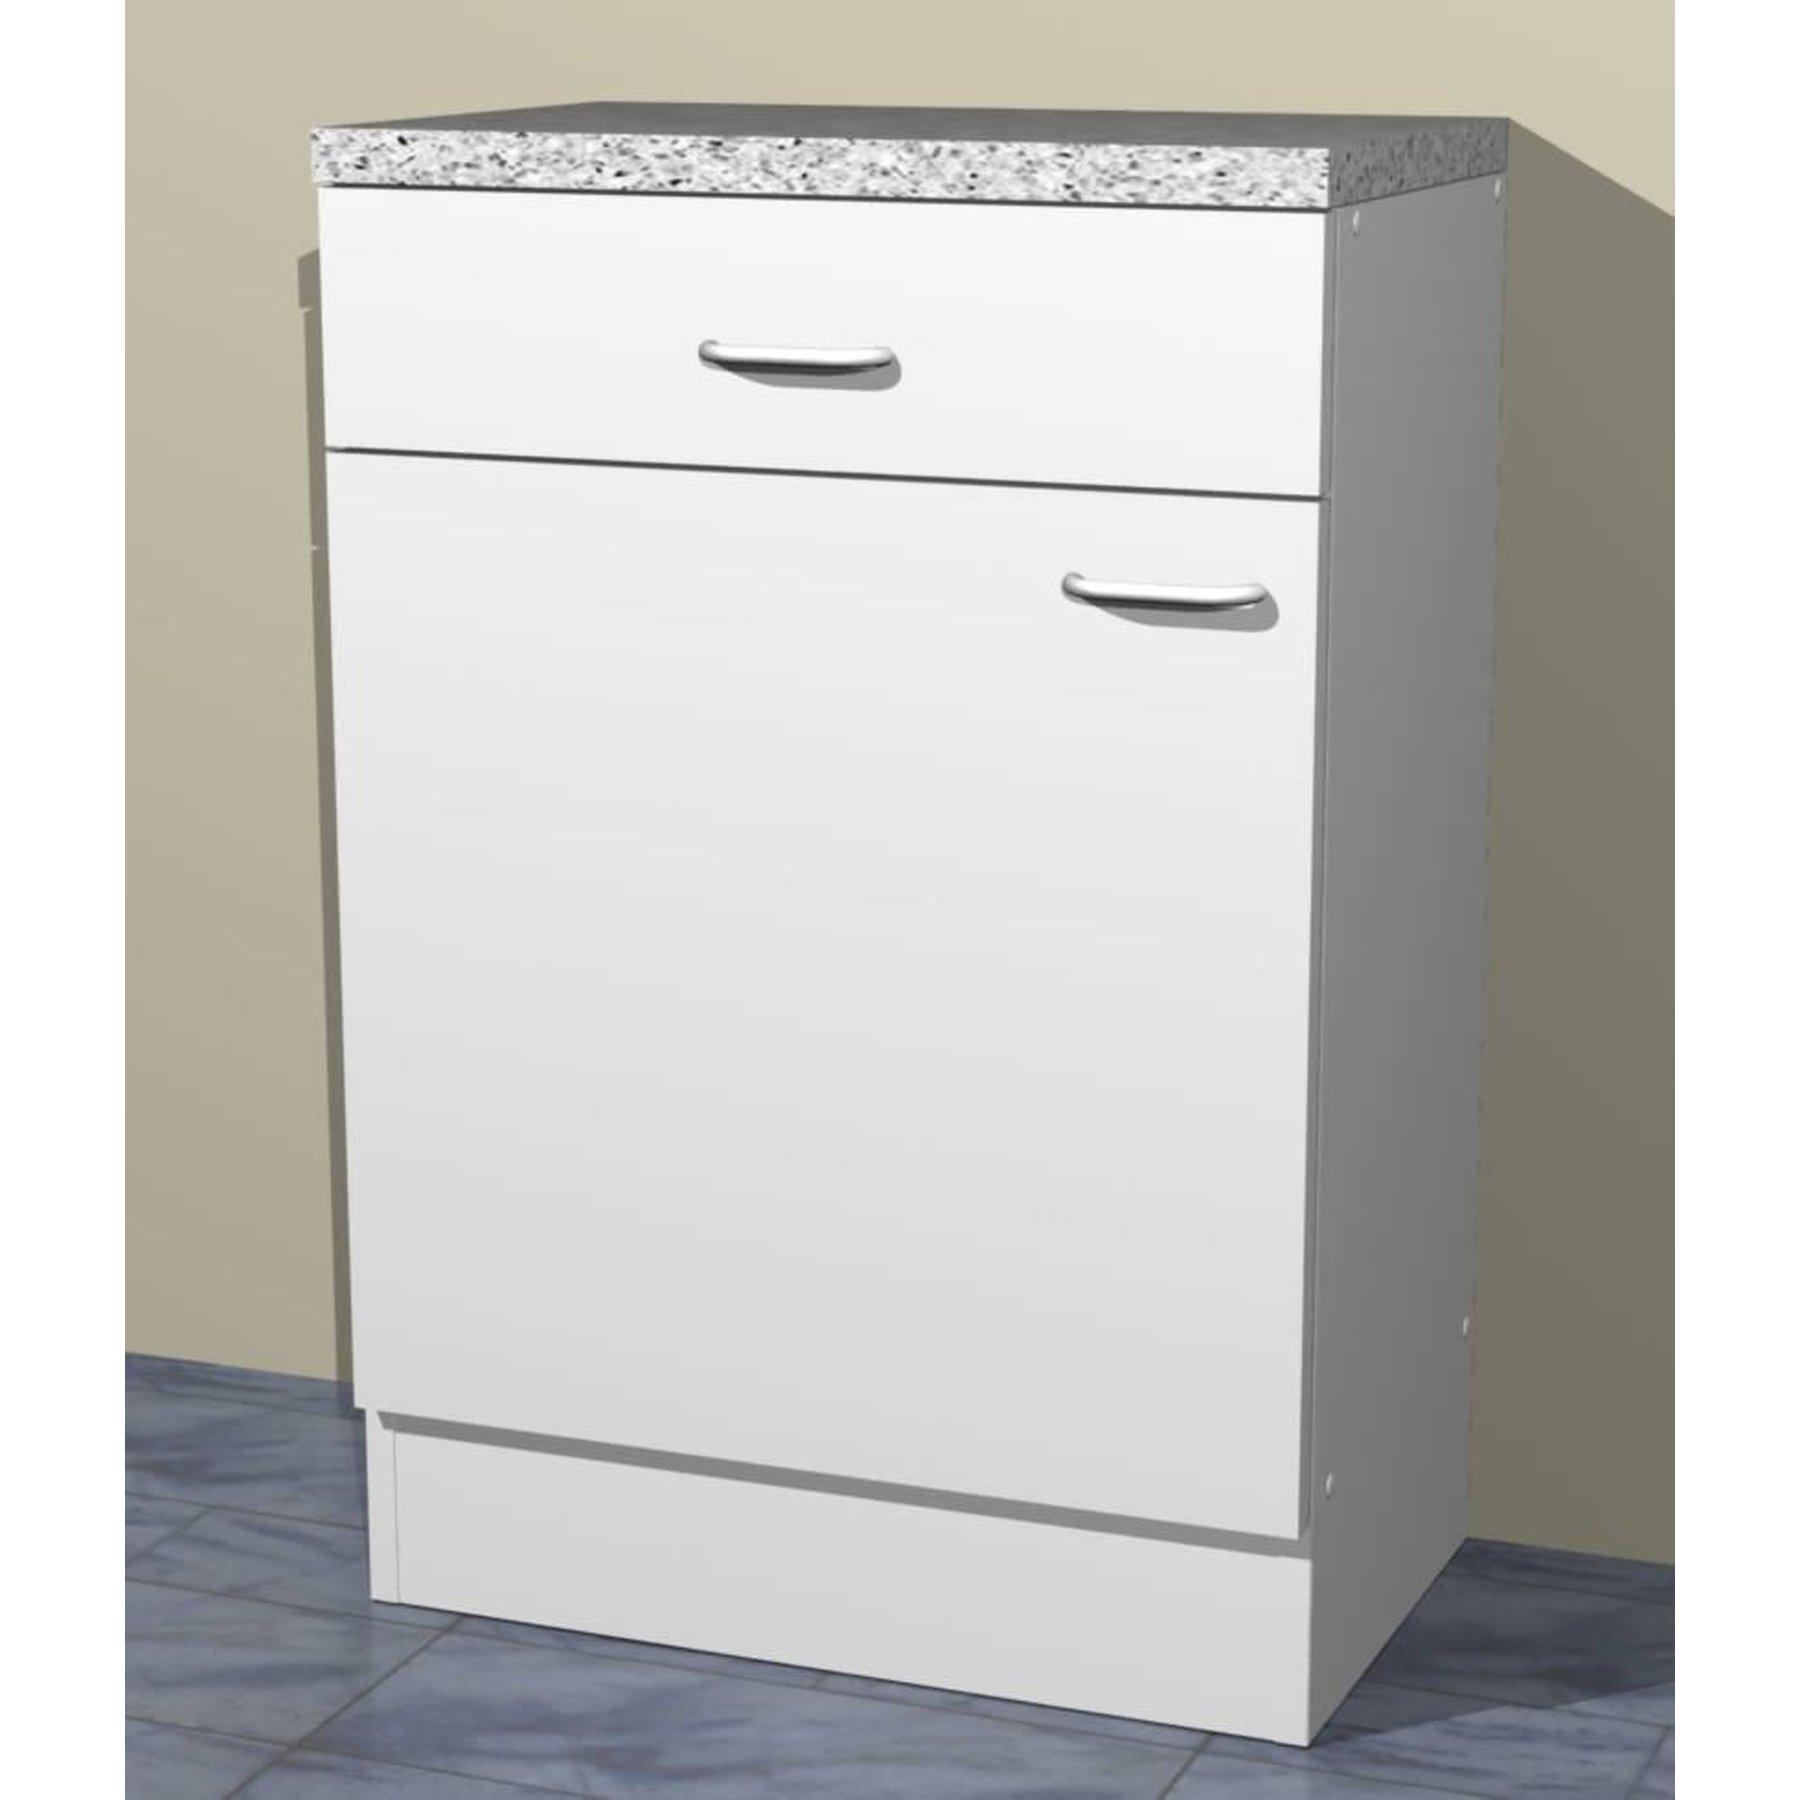 Full Size of Unterschrank Küche Weiß 100 Cm Unterschrank Küche Selber Bauen Unterschrank Küche Landhausstil Ikea Unterschrank Küche 40 Cm Küche Unterschrank Küche